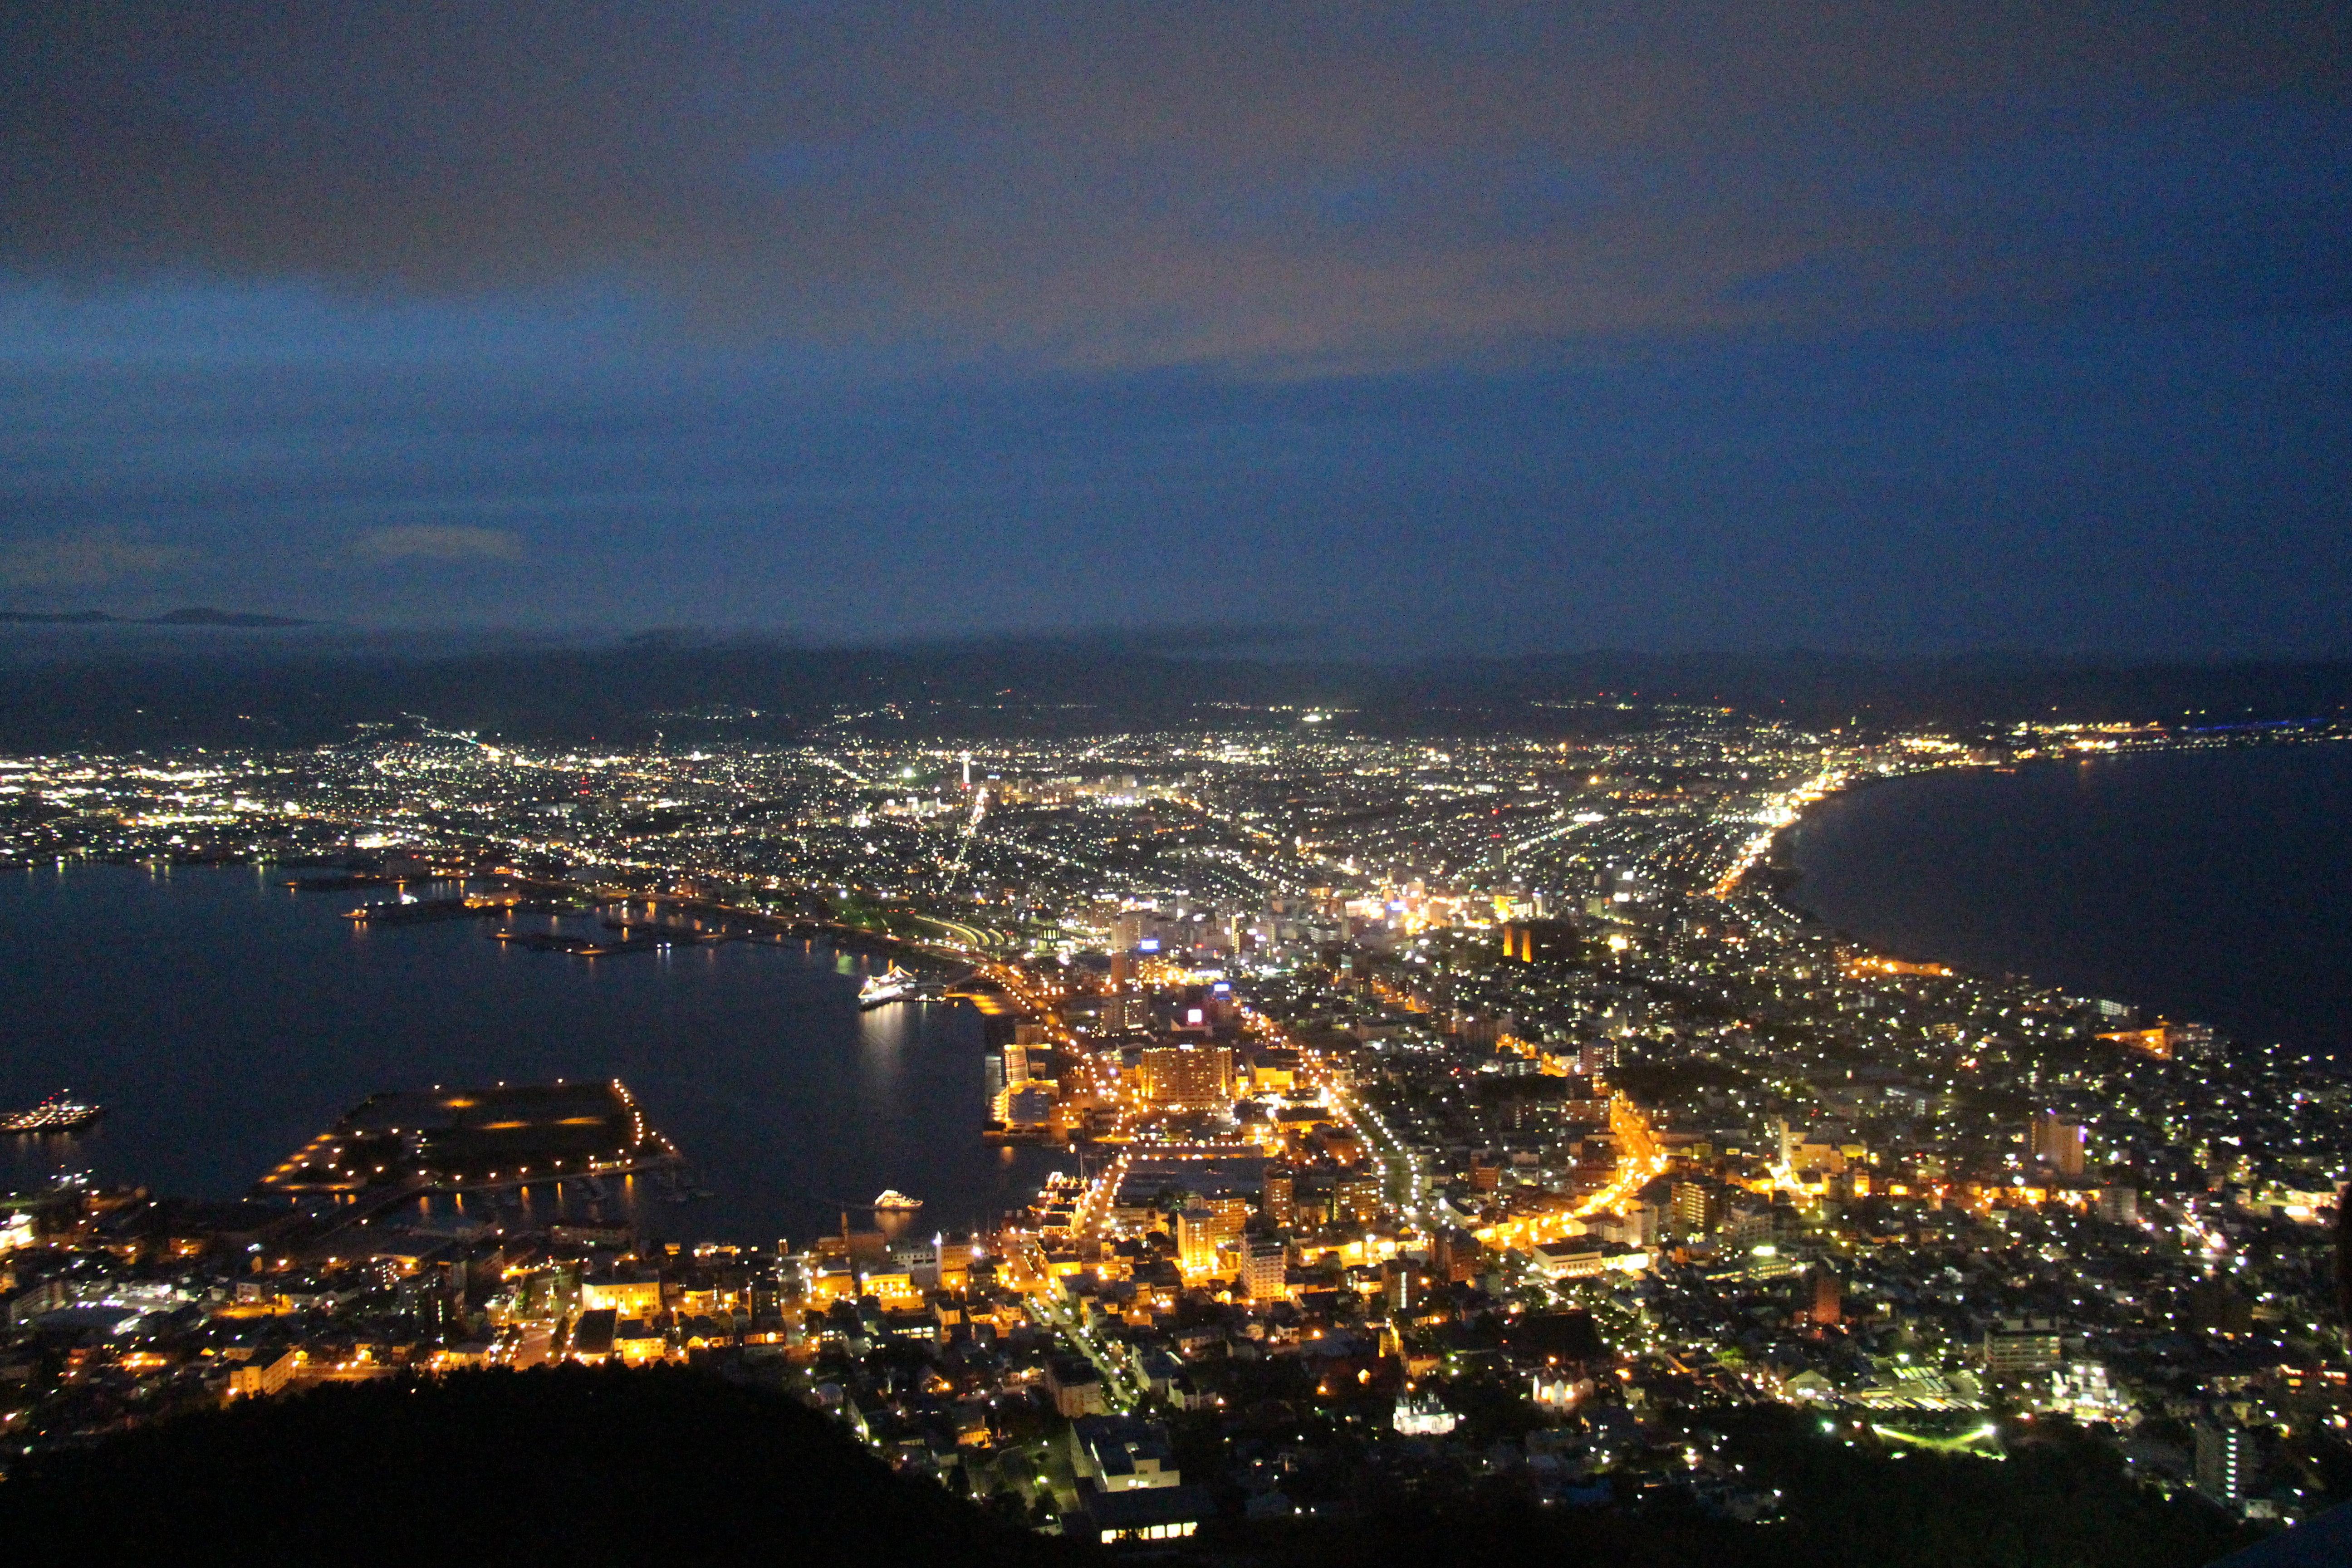 在函馆山附近的风景是函馆的精髓,号称世界三大夜景之一的函馆